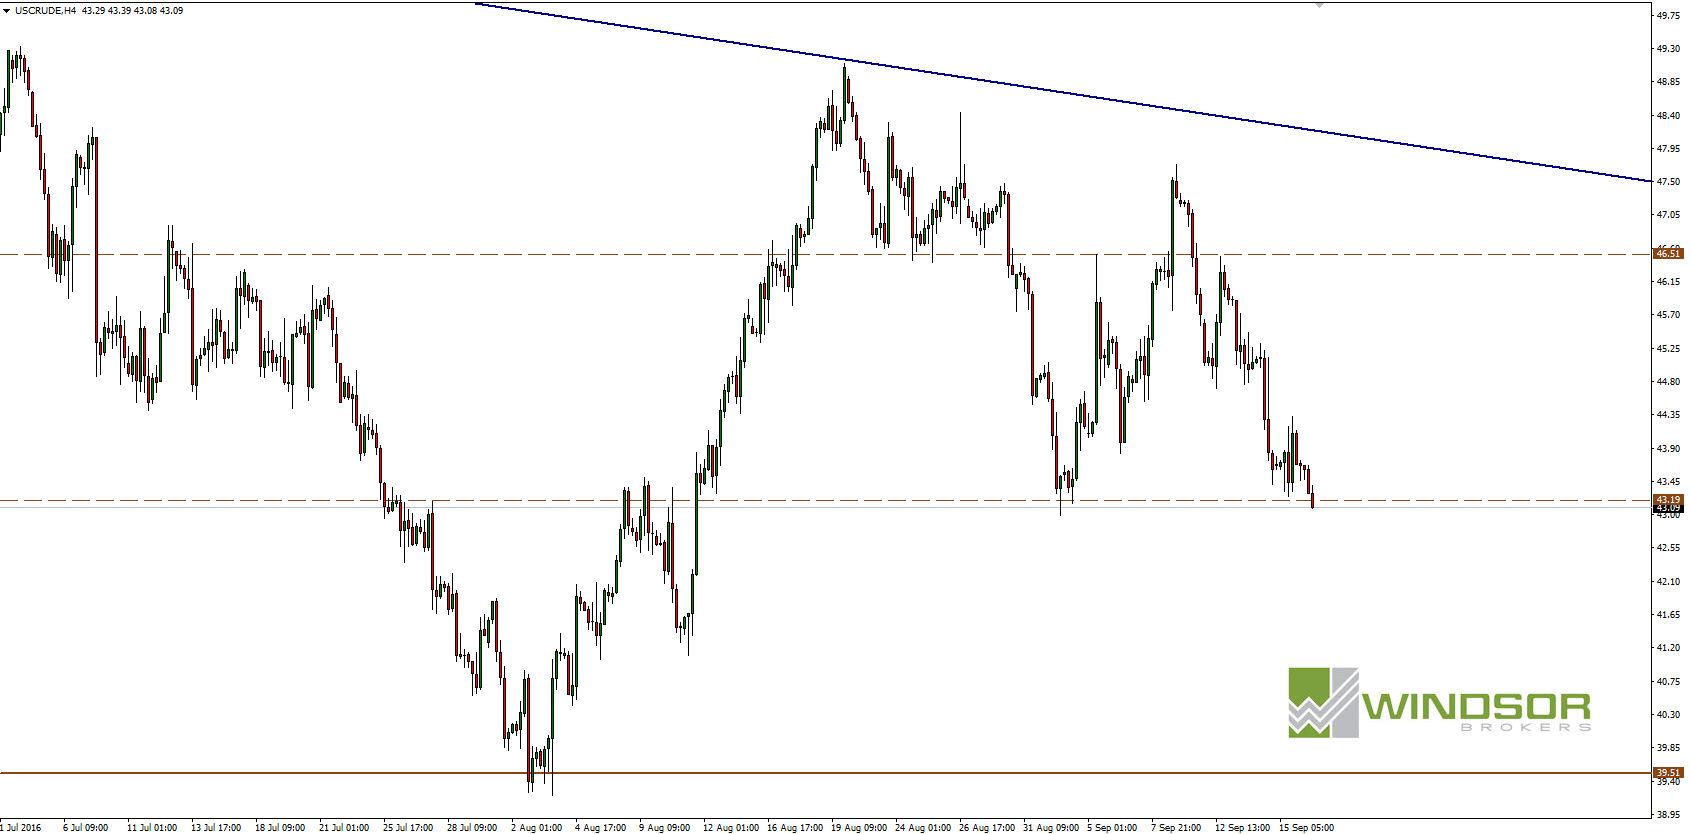 Wykres OIL Crude dla interwału H4.